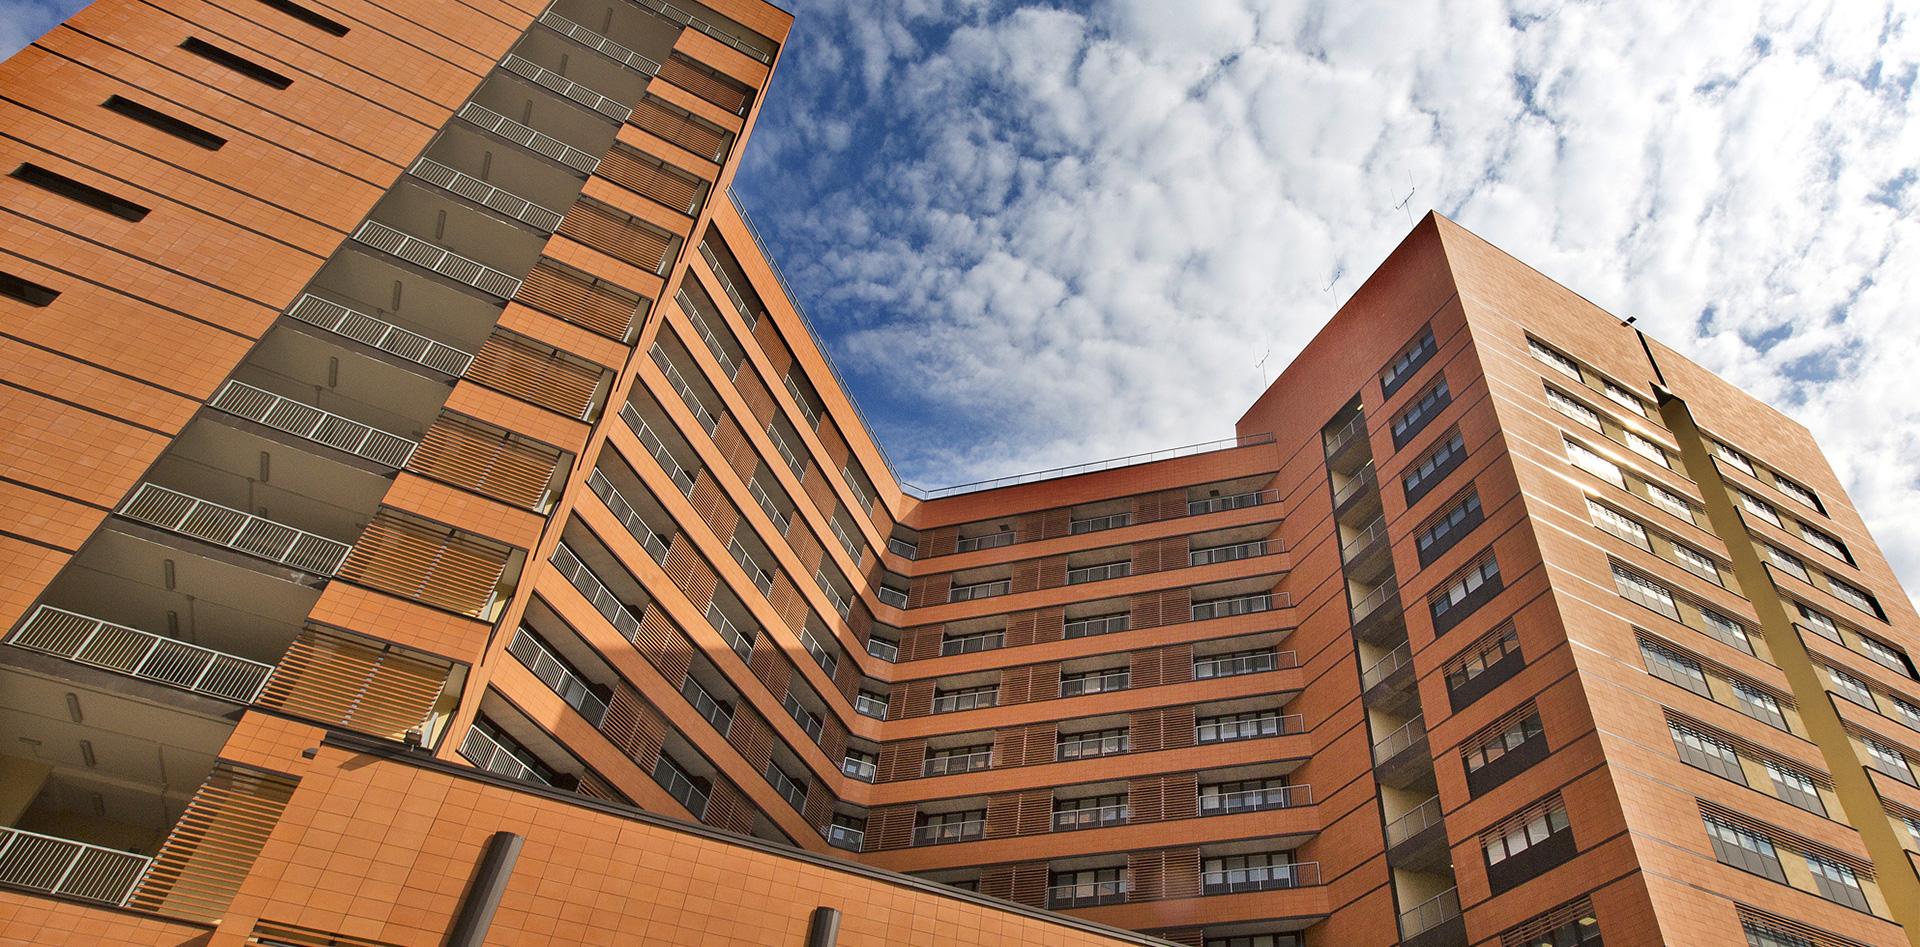 IRCCS Policlinico San Matteo di Pavia, Binini Partners, Società di architettura e ingegneria